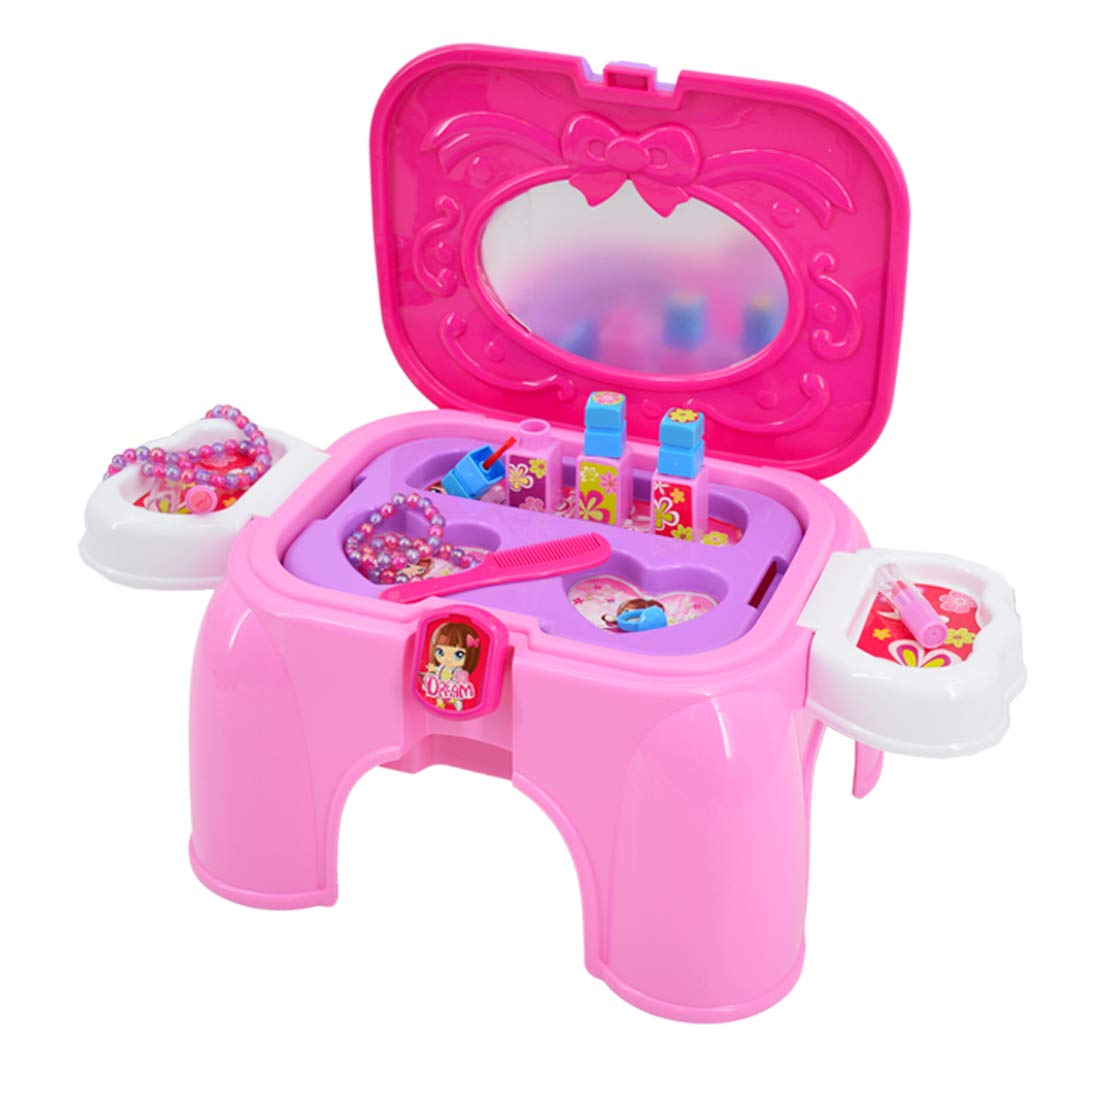 Superbe kit pour Enfants Maquillage et Bijoux deAO Caisse transportable de beaut/é avec Miroir s/èche-Cheveux